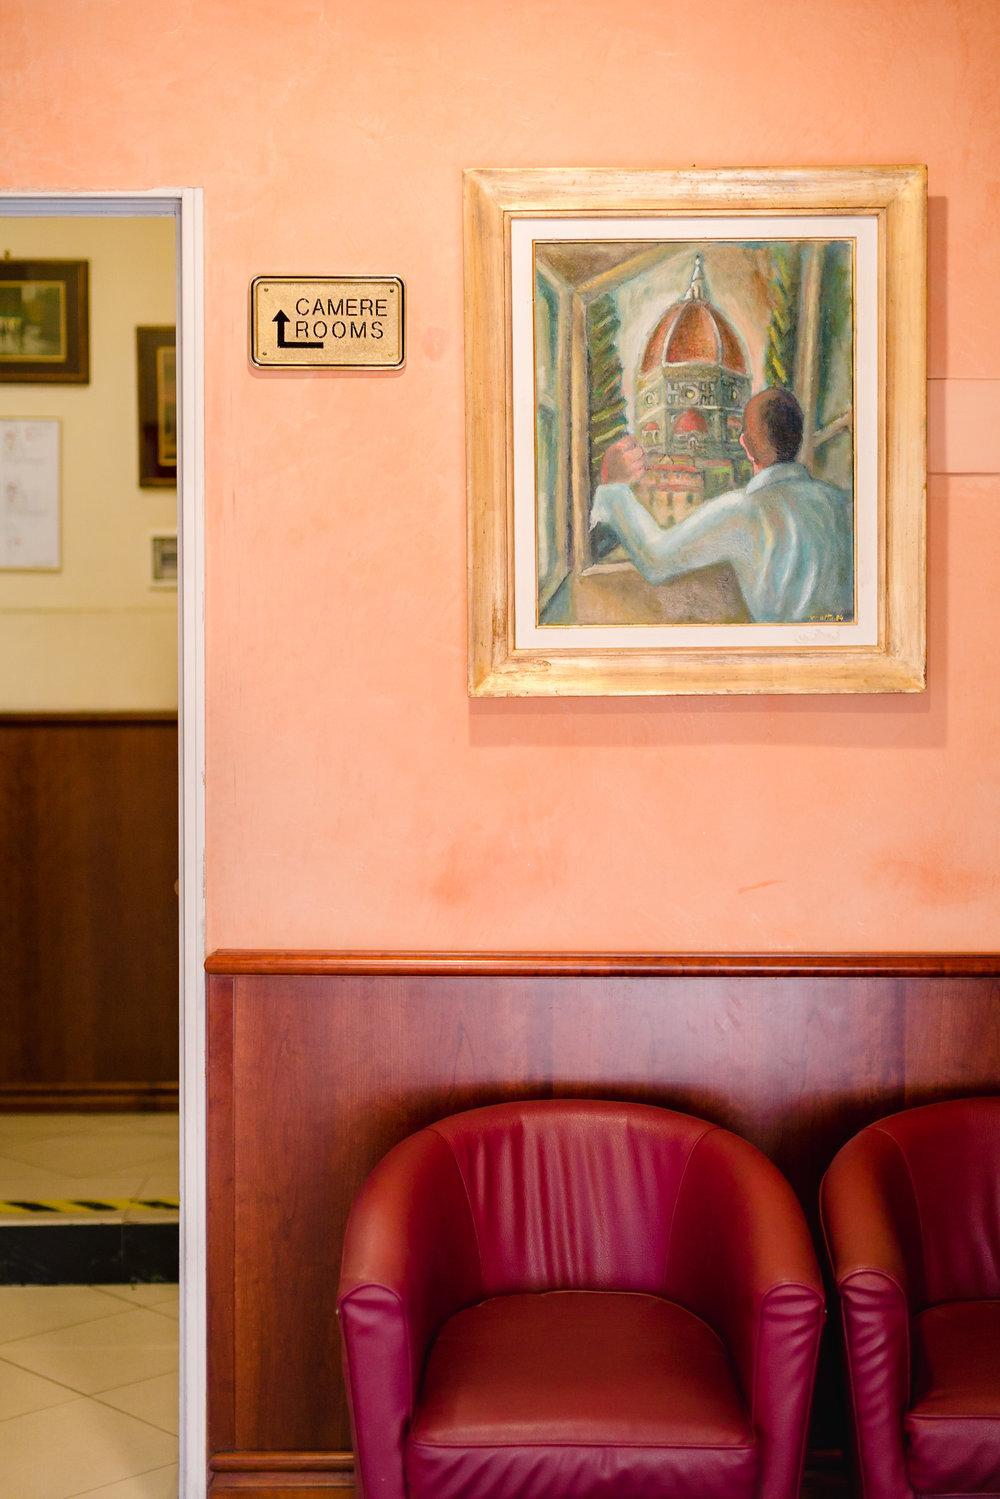 Hotel Arizona Lobby Chairs (1 of 1).jpg